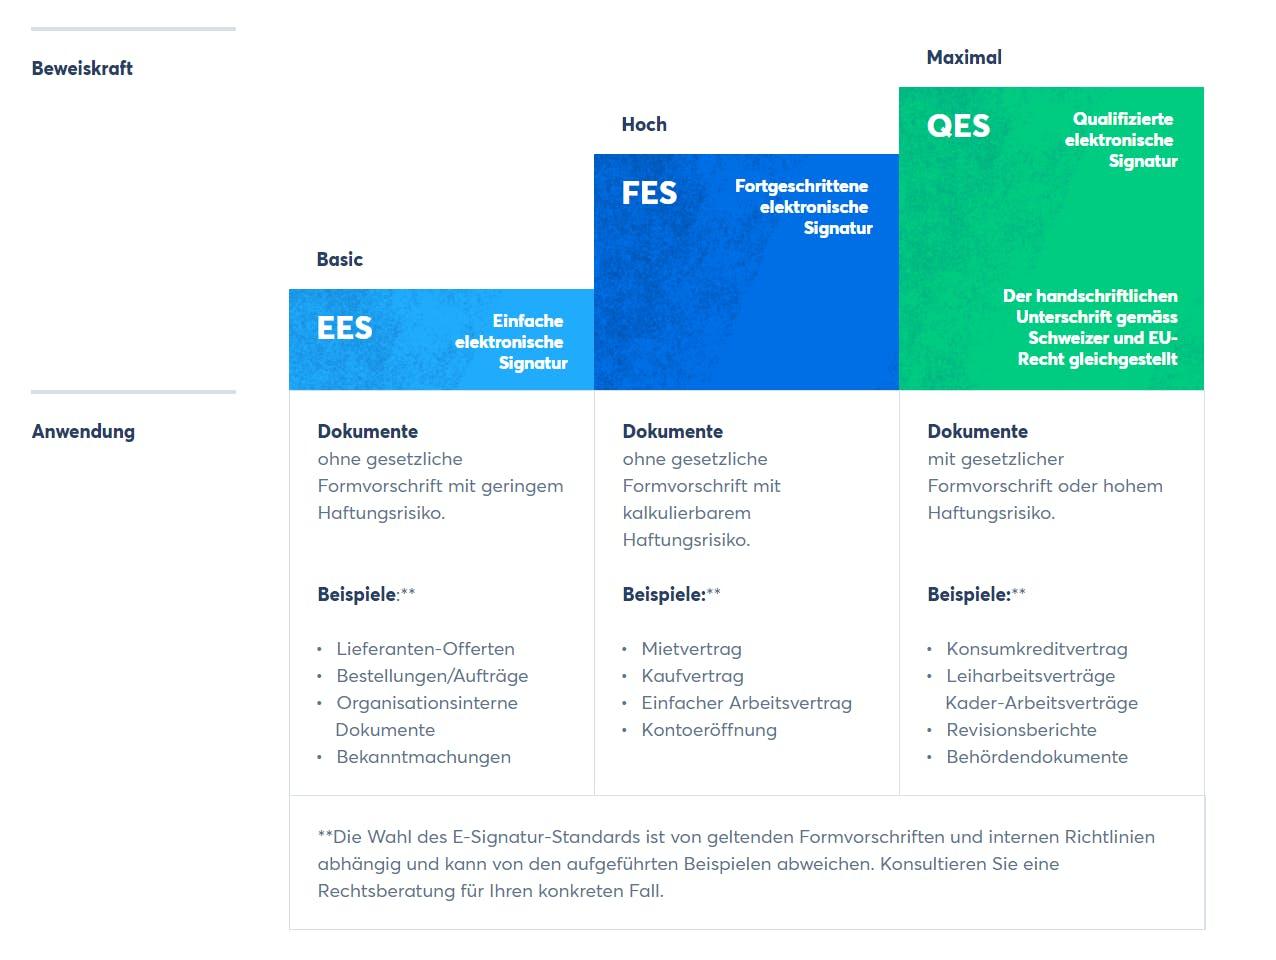 Das Gesetzt unterscheidet zwischen drei E-Signatur-Standards. Für die QES wird die vorgängige Identifikation der Signierenden vorausgesetzt. (Quelle: Skribble)